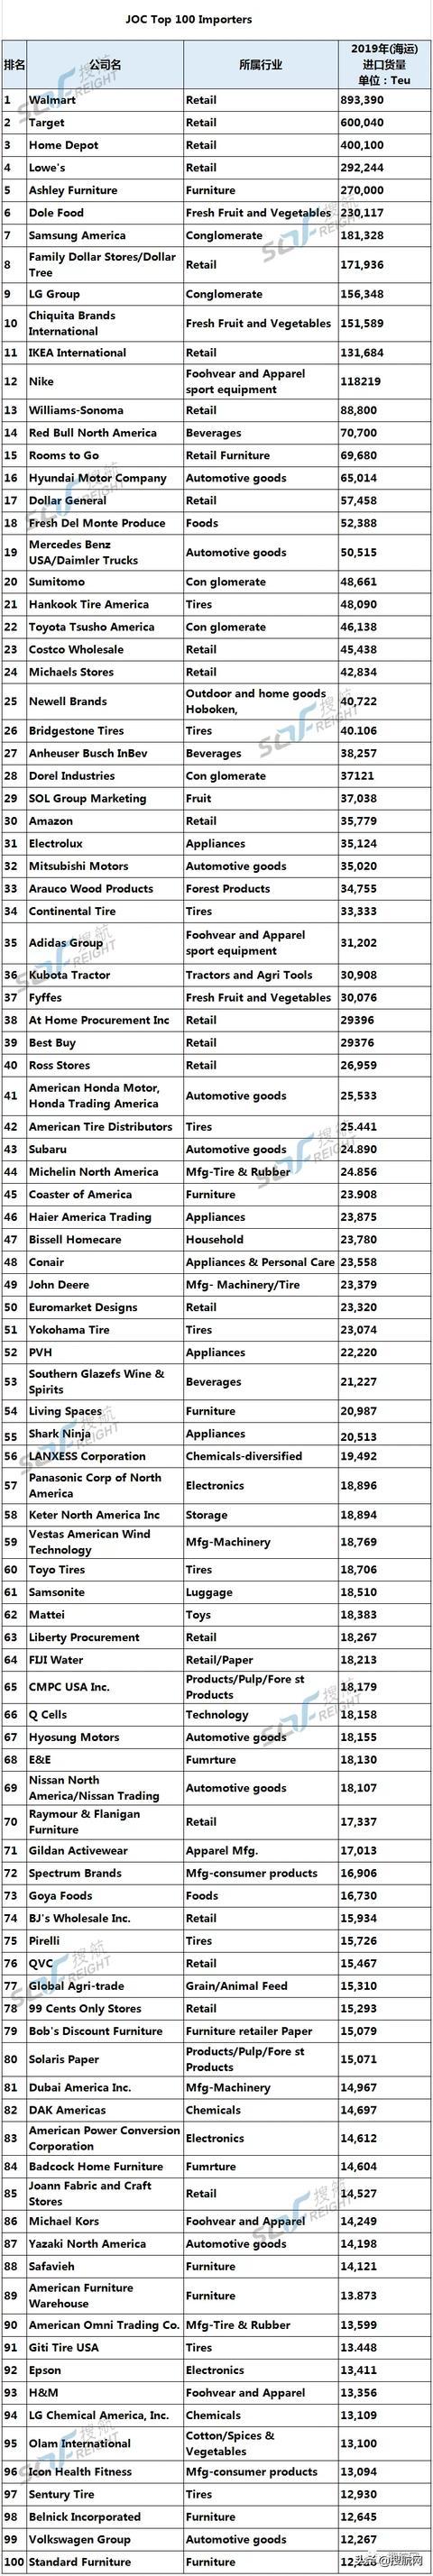 榜单:最新美国进口企业100强(海运类)出炉